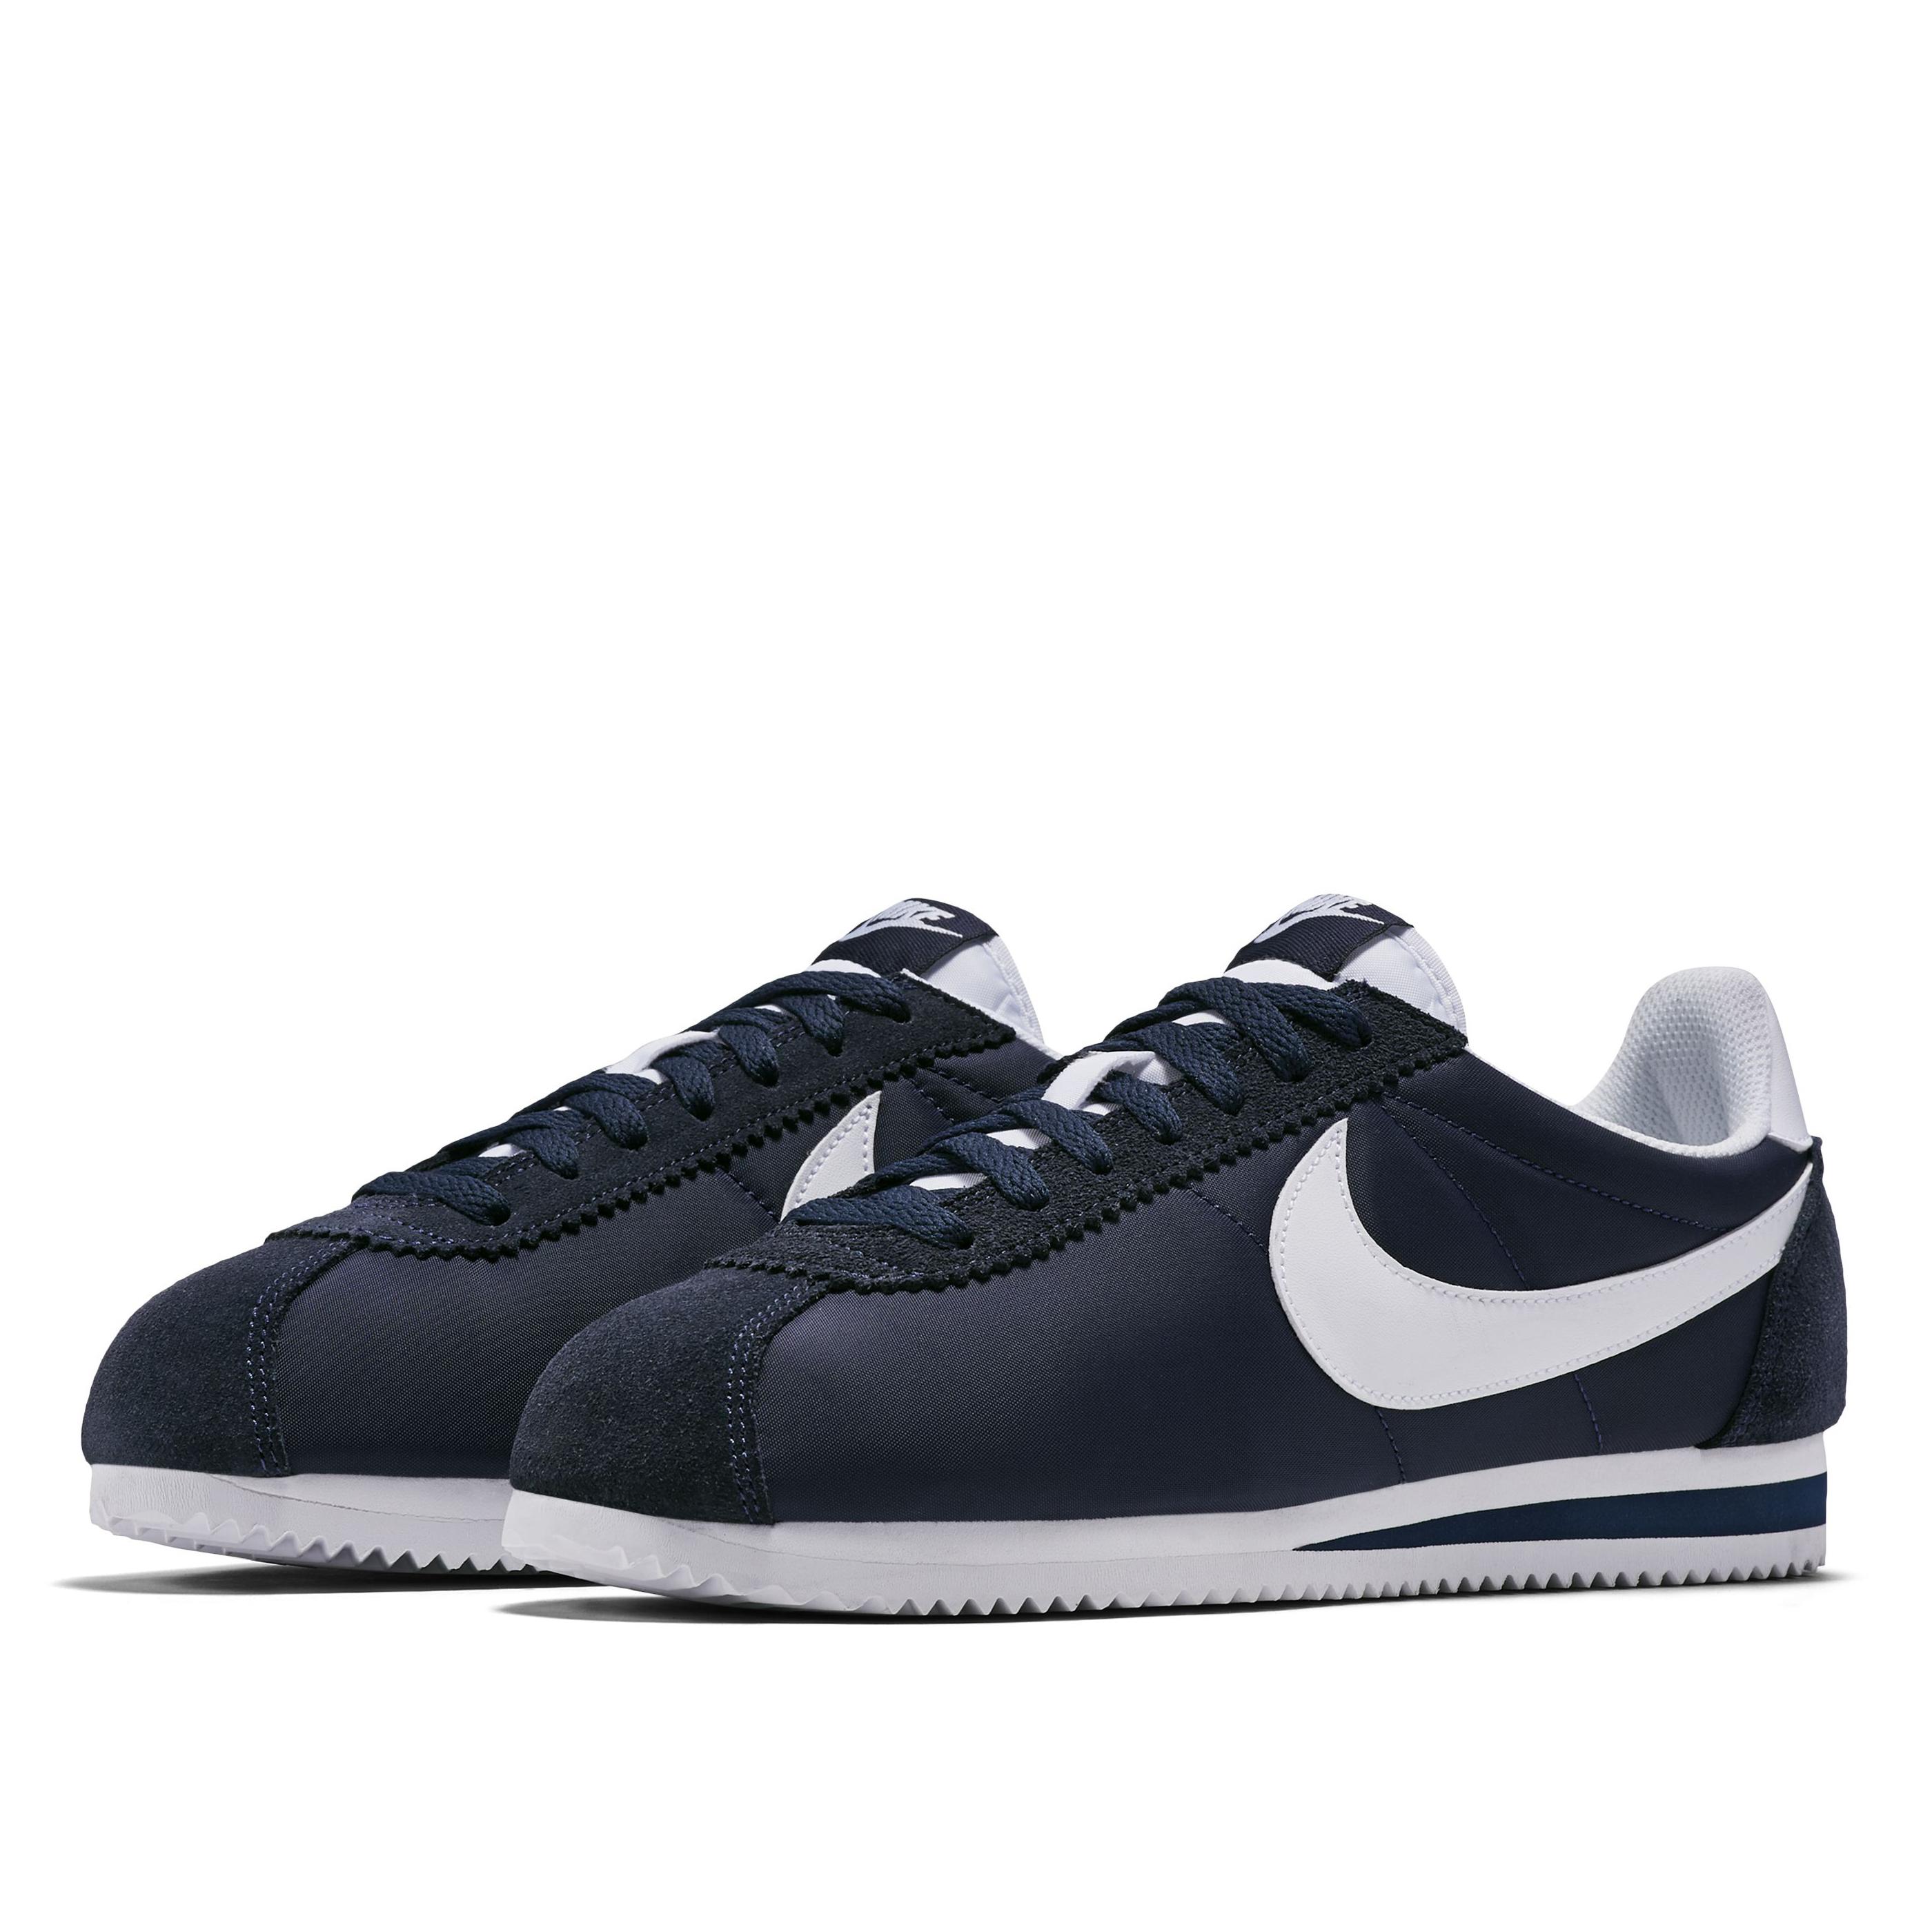 9ca06b70 Кроссовки Cortez от Nike (807472-410) - продажа, цена, фото, описание